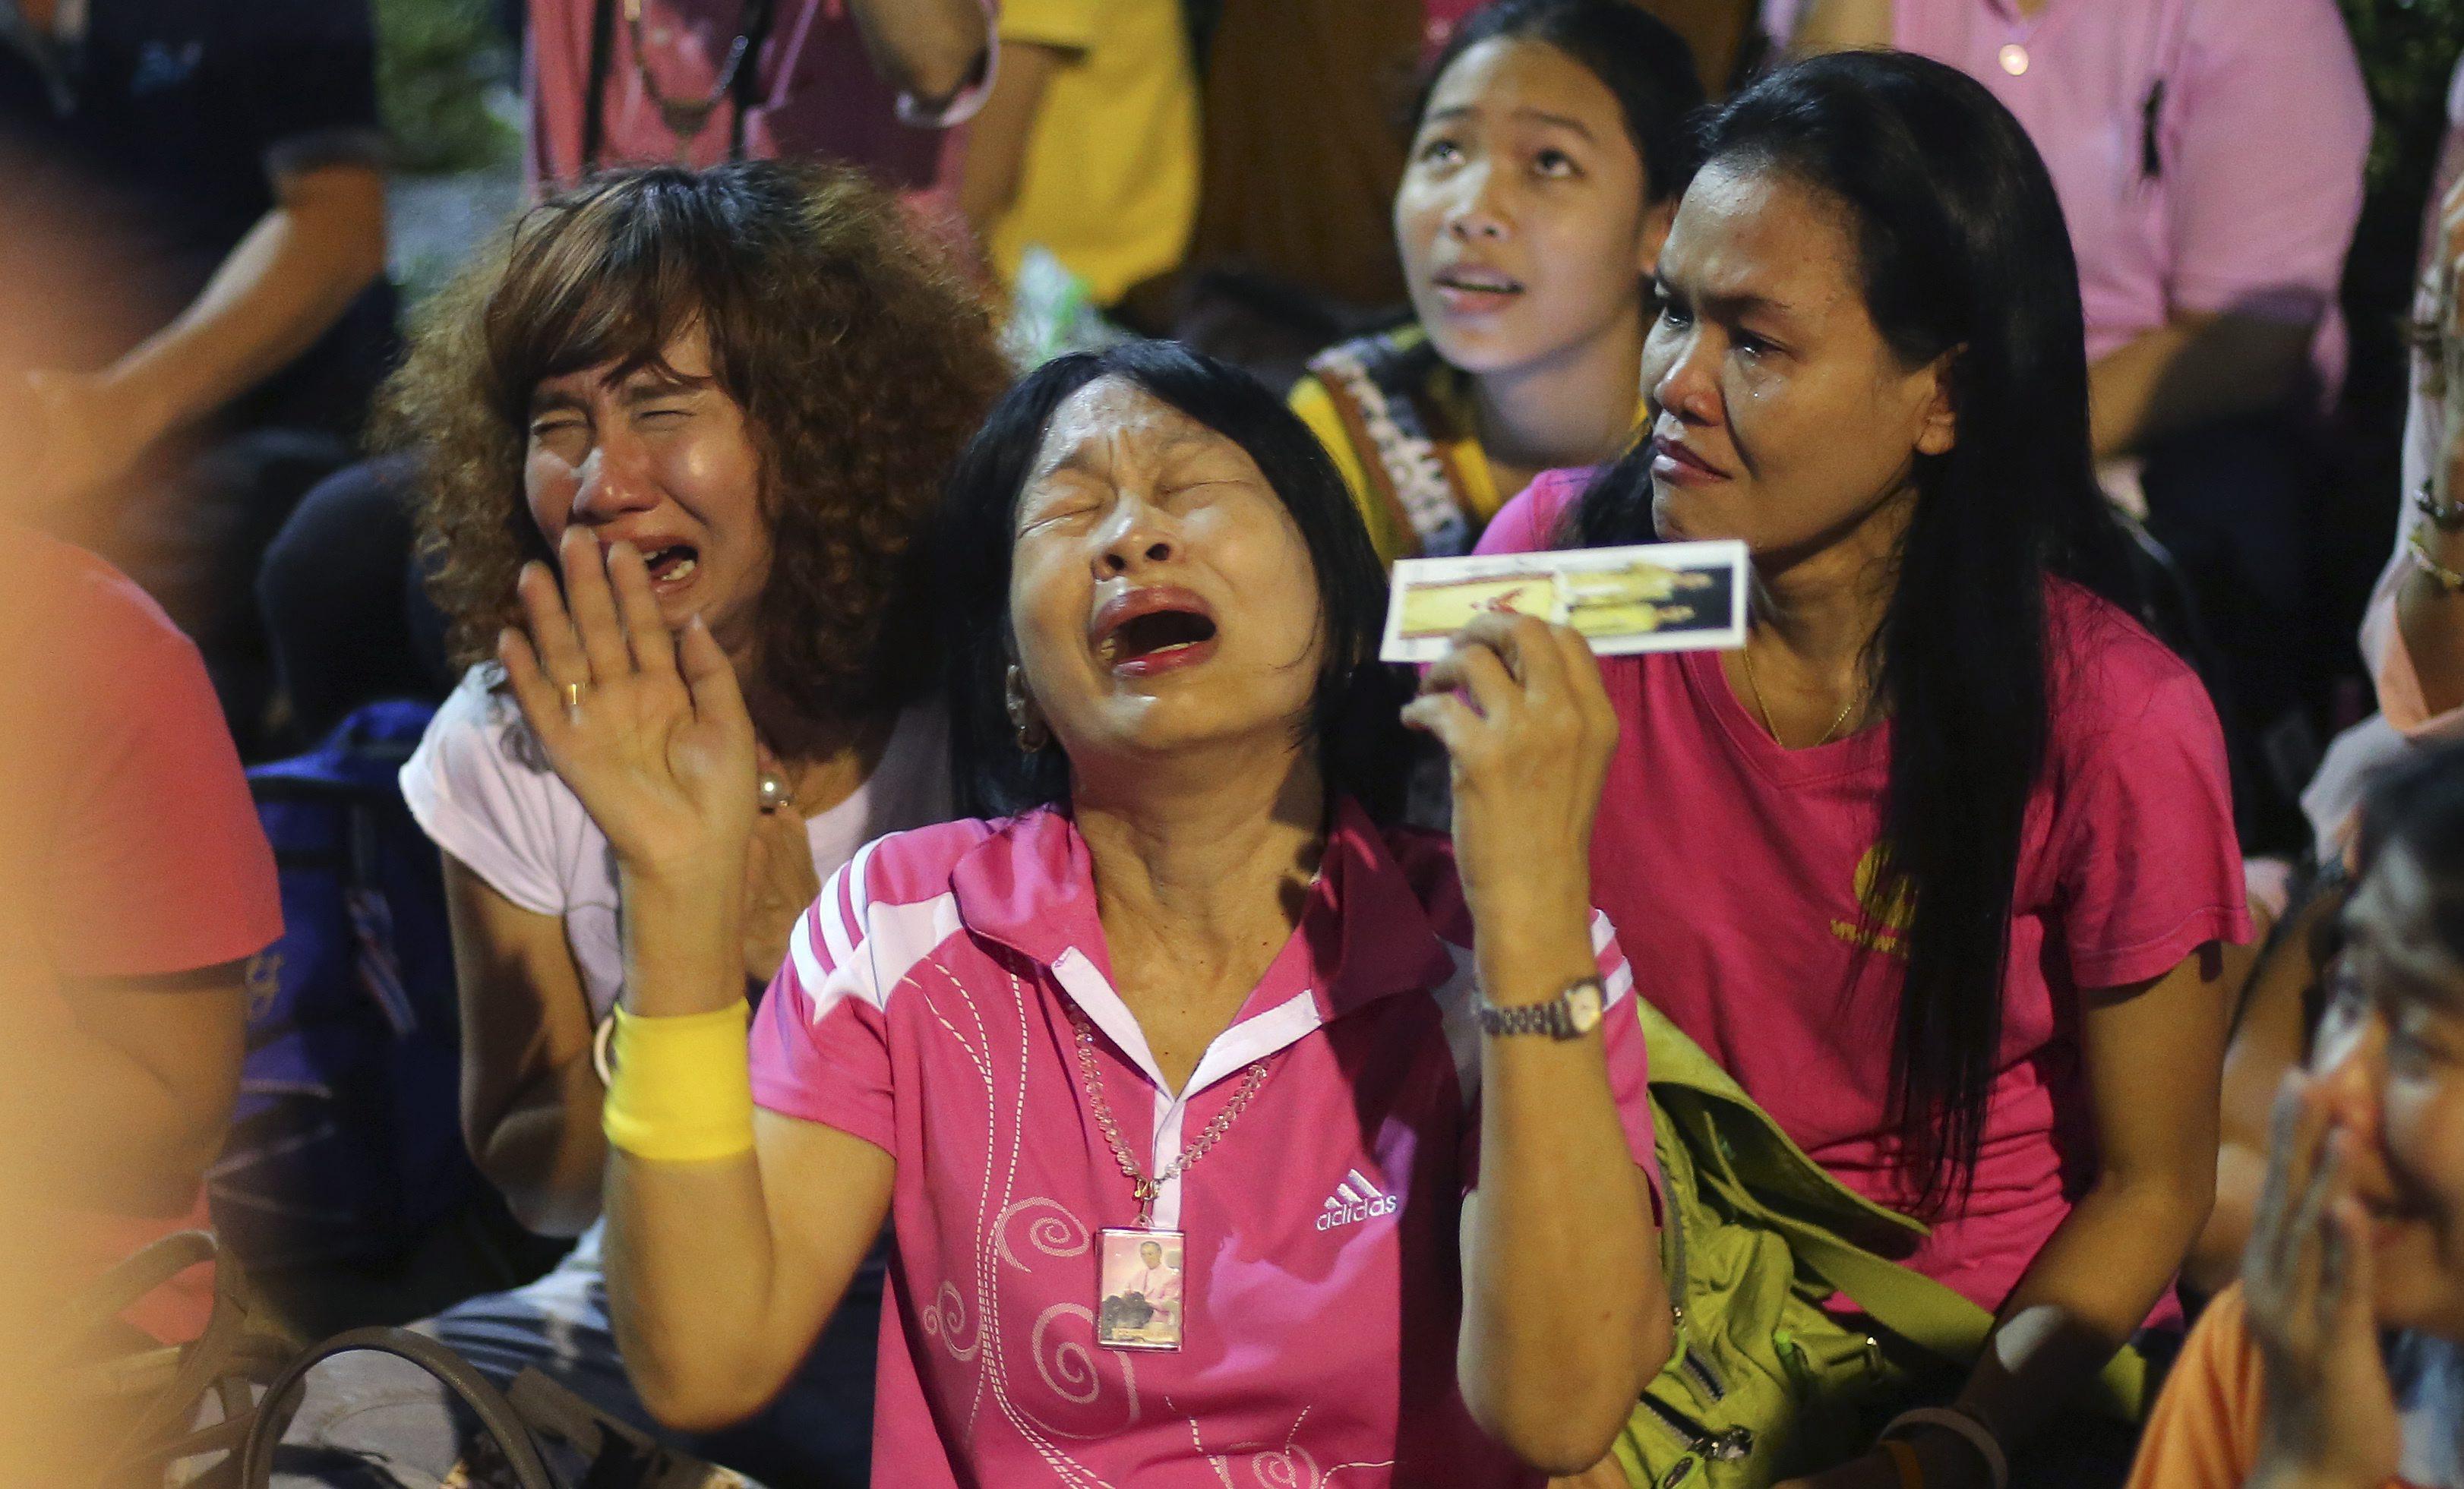 Około godziny 16 czasu lokalnego zmarł otoczony kultem król Tajlandii Bhumibol Adulyadej. Miał 88 lat i był najdłużej panującym monarchą na świecie. Gdy poinformowano o śmierci  Bhumibola Adulyadeja, pacjenci szpitala i obecni w ogrodach ludzie płakali, klękali i modlili się.